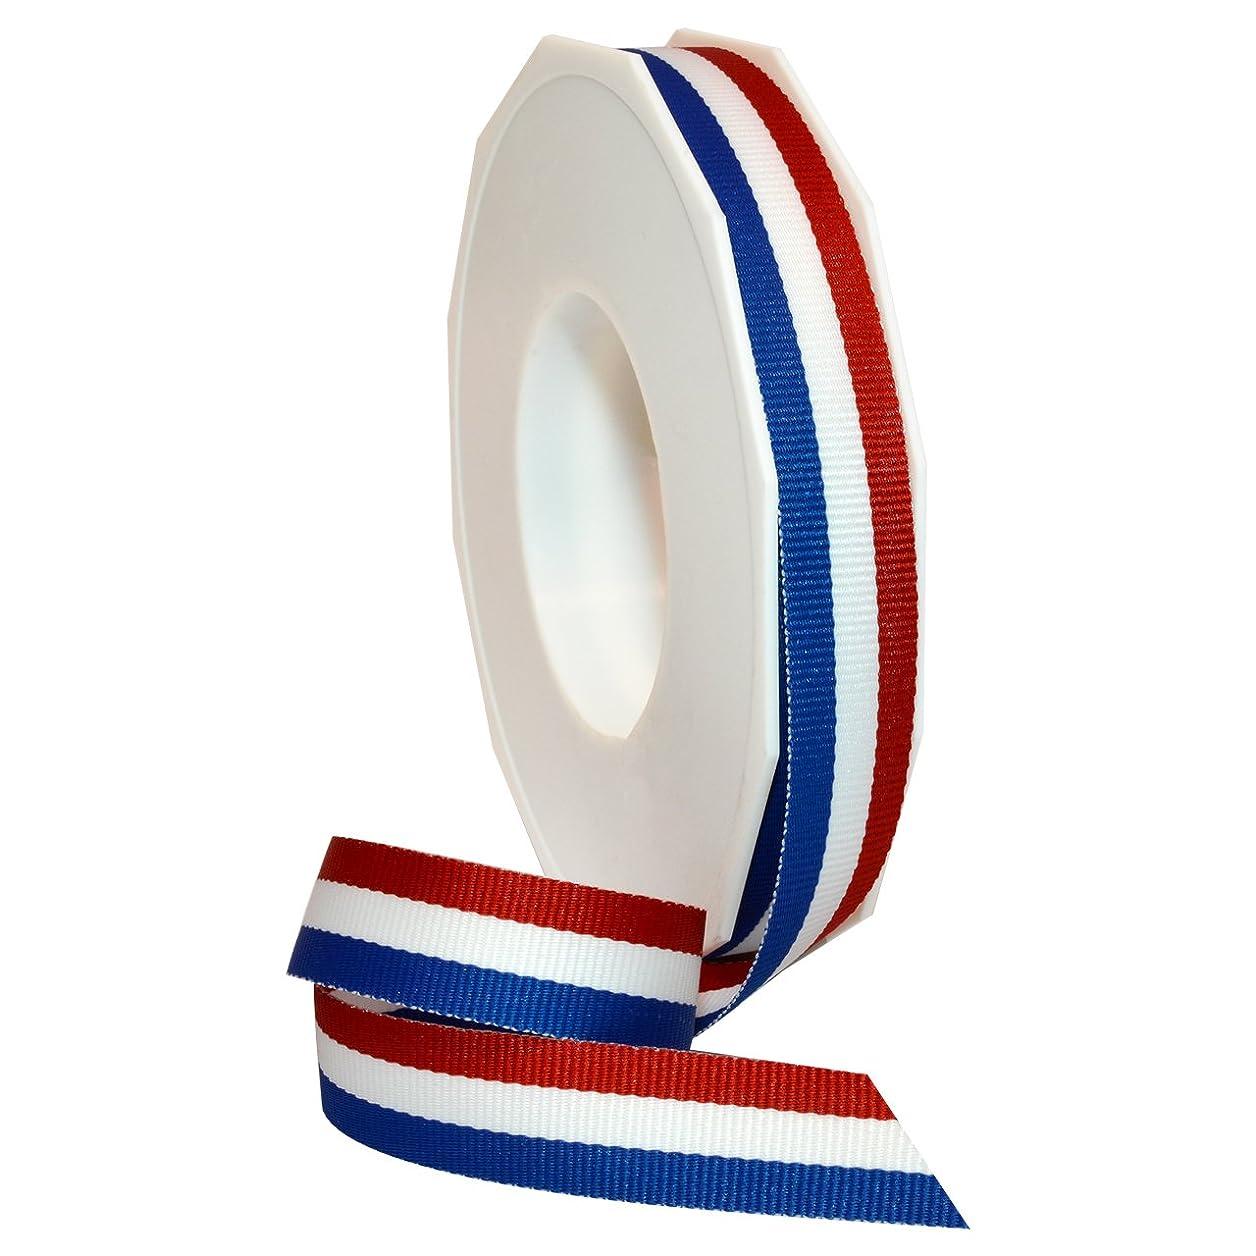 Morex Ribbon Grosgrain Stripes Ribbon, 5/8